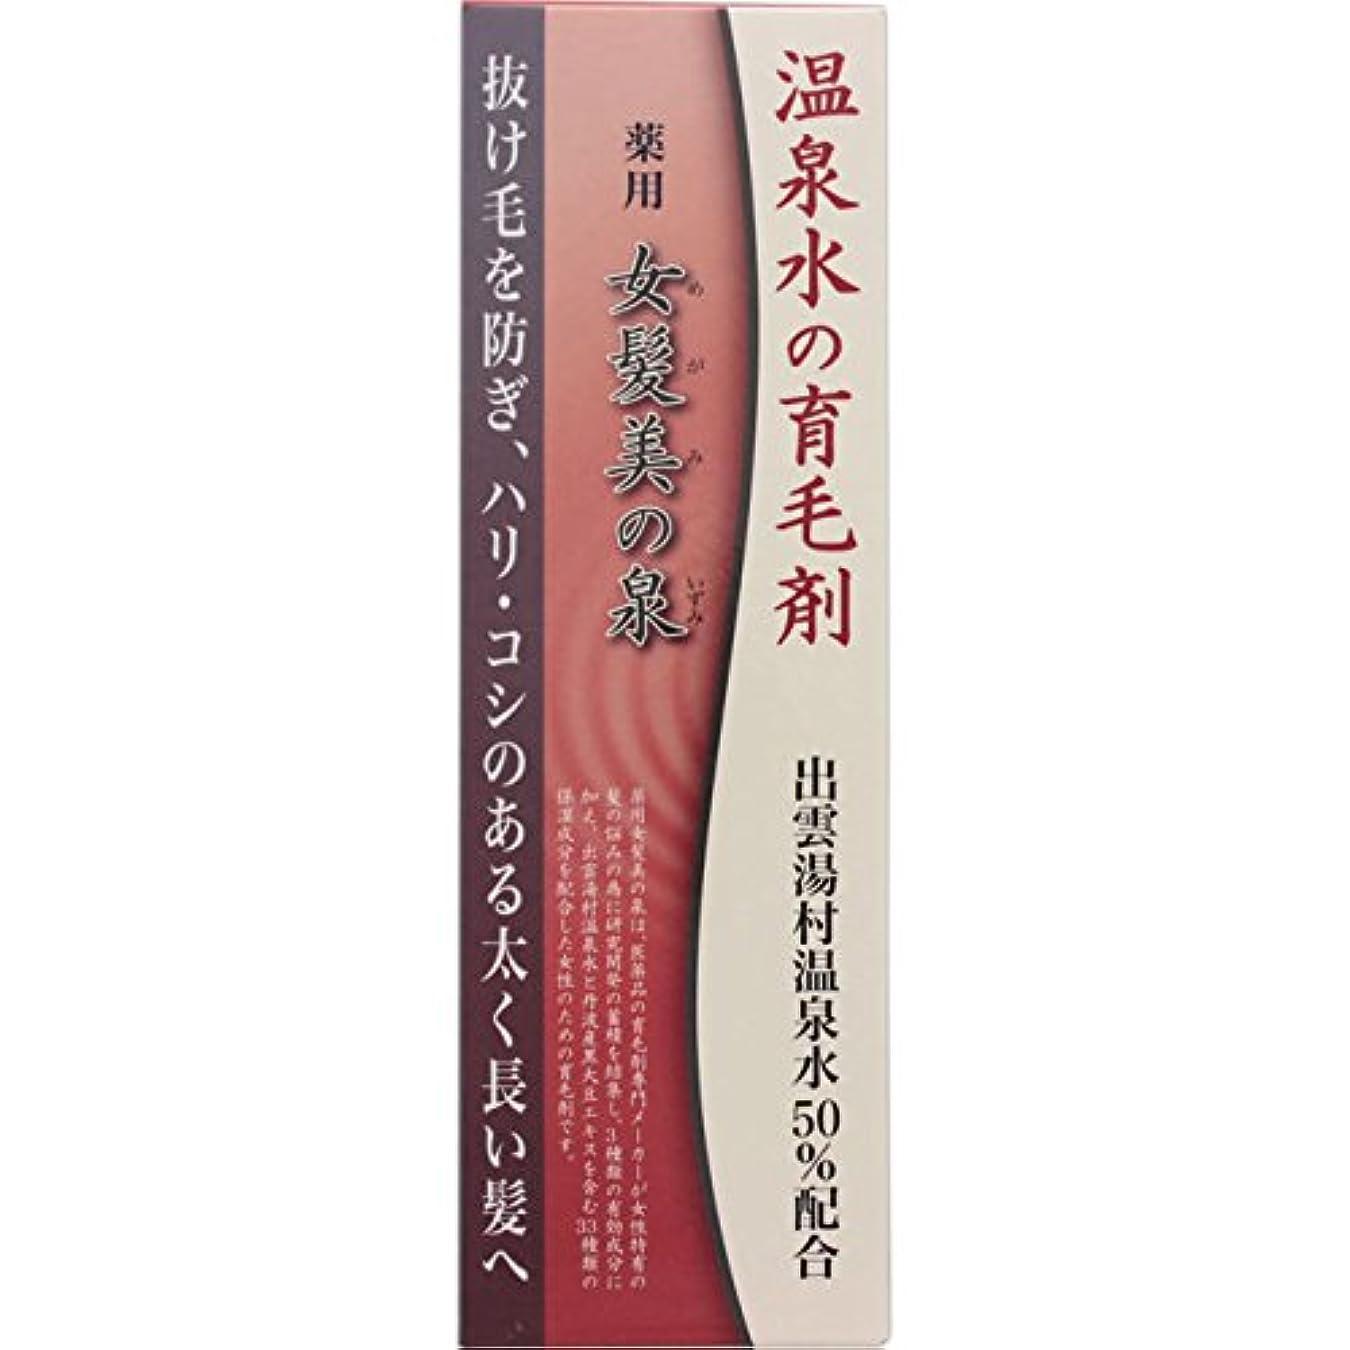 物質付添人斧薬用 女髪美の泉150MLx3